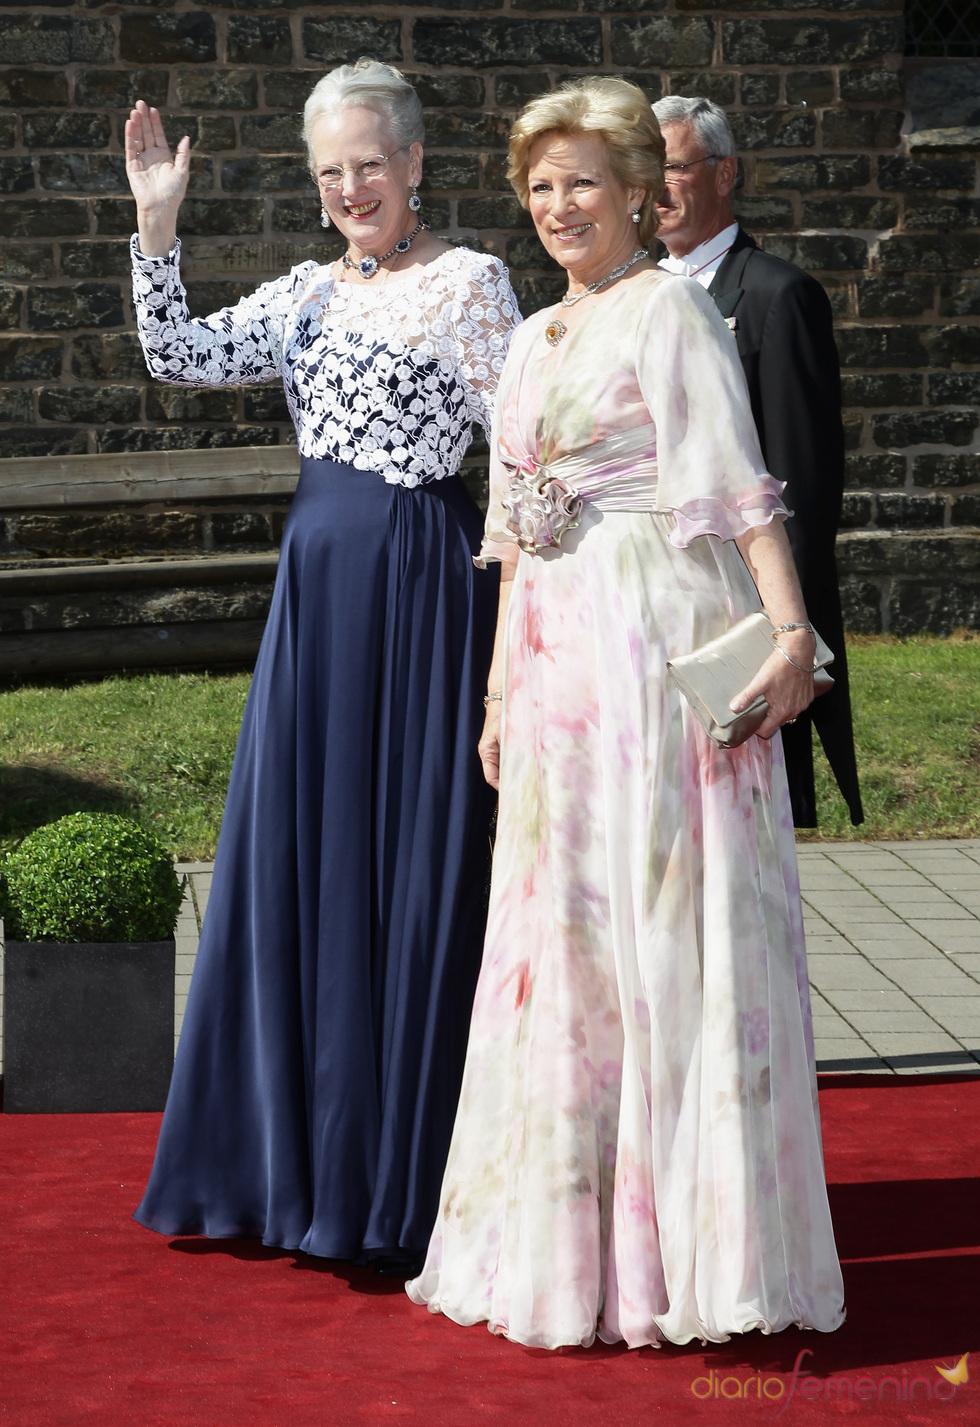 La Reina Margarita de Dinamarca y la Reina Ana María de Grecia en la boda de Natalia de Dinamarca y Alexander Johannsmann